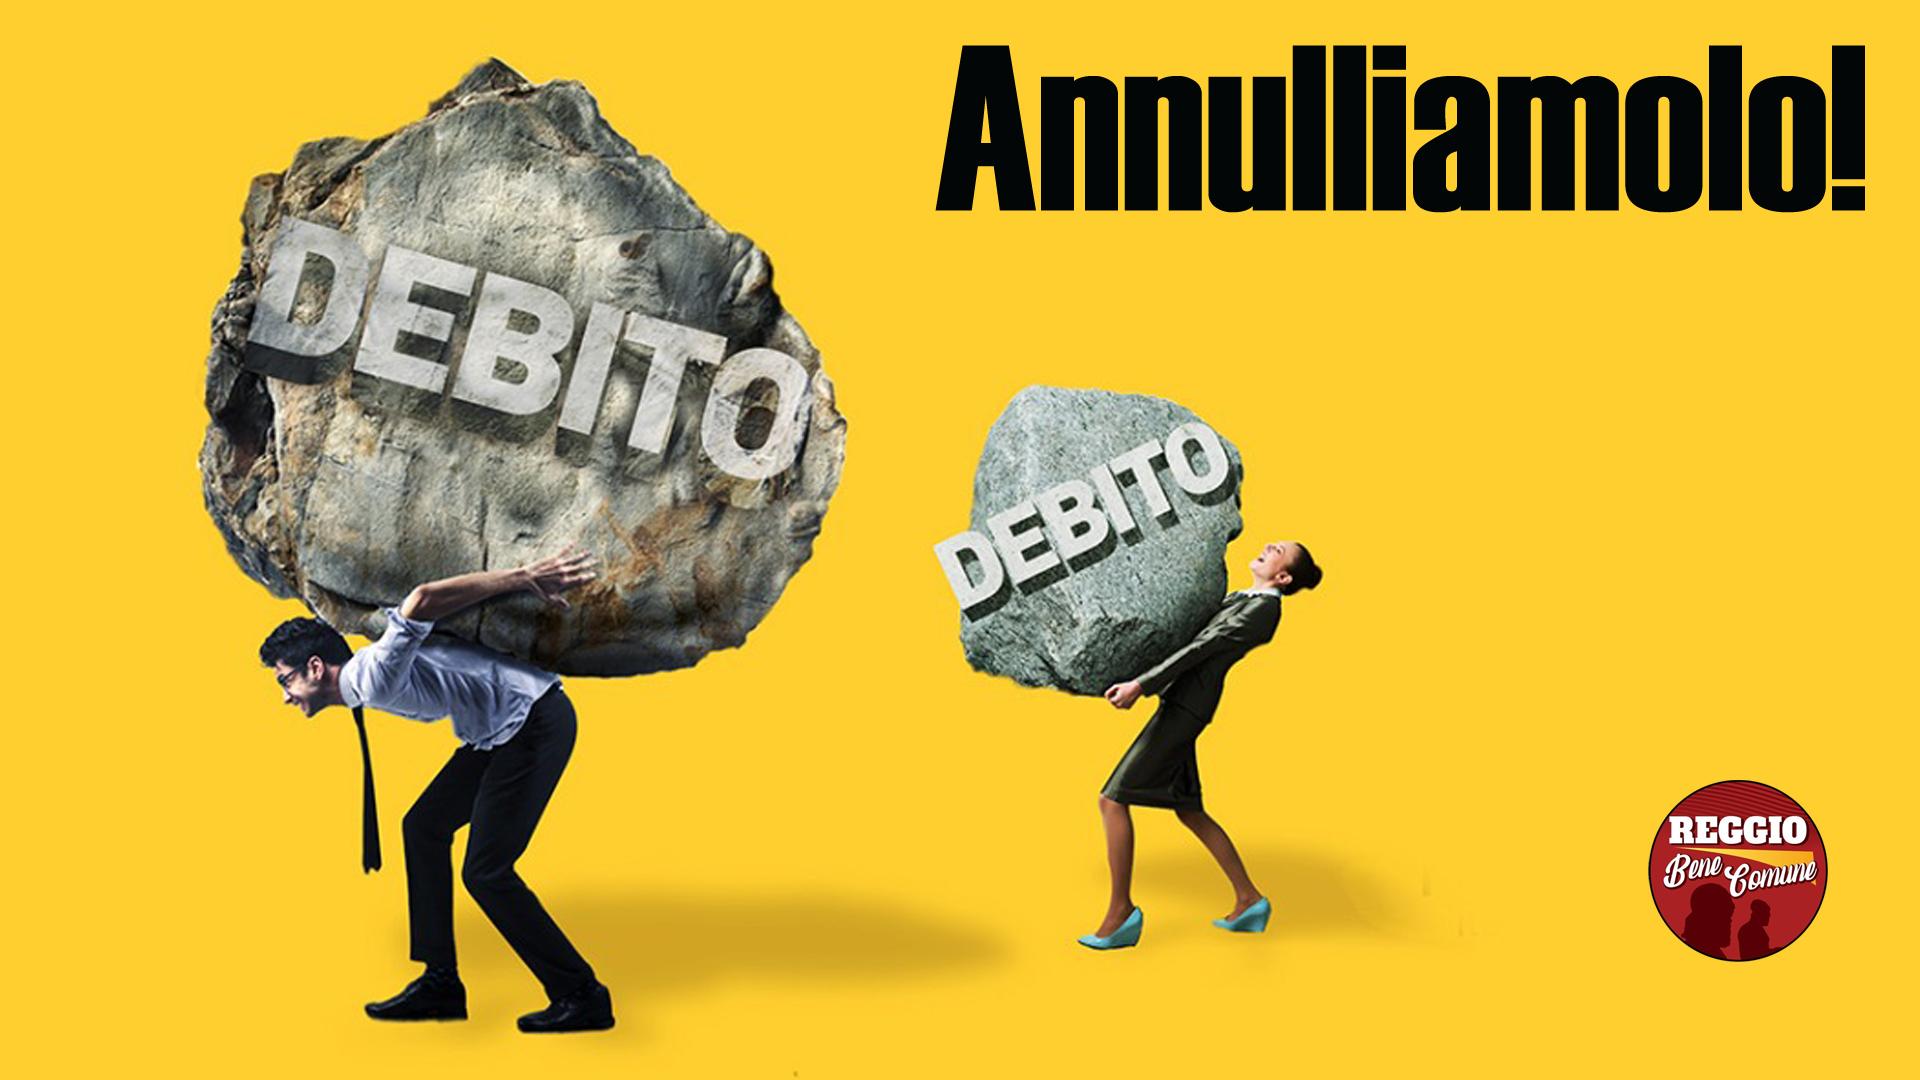 """Coronavirus, """"Reggio Bene comune"""" lancia la petizione: «Annulliamo il debito per rialzarci»"""